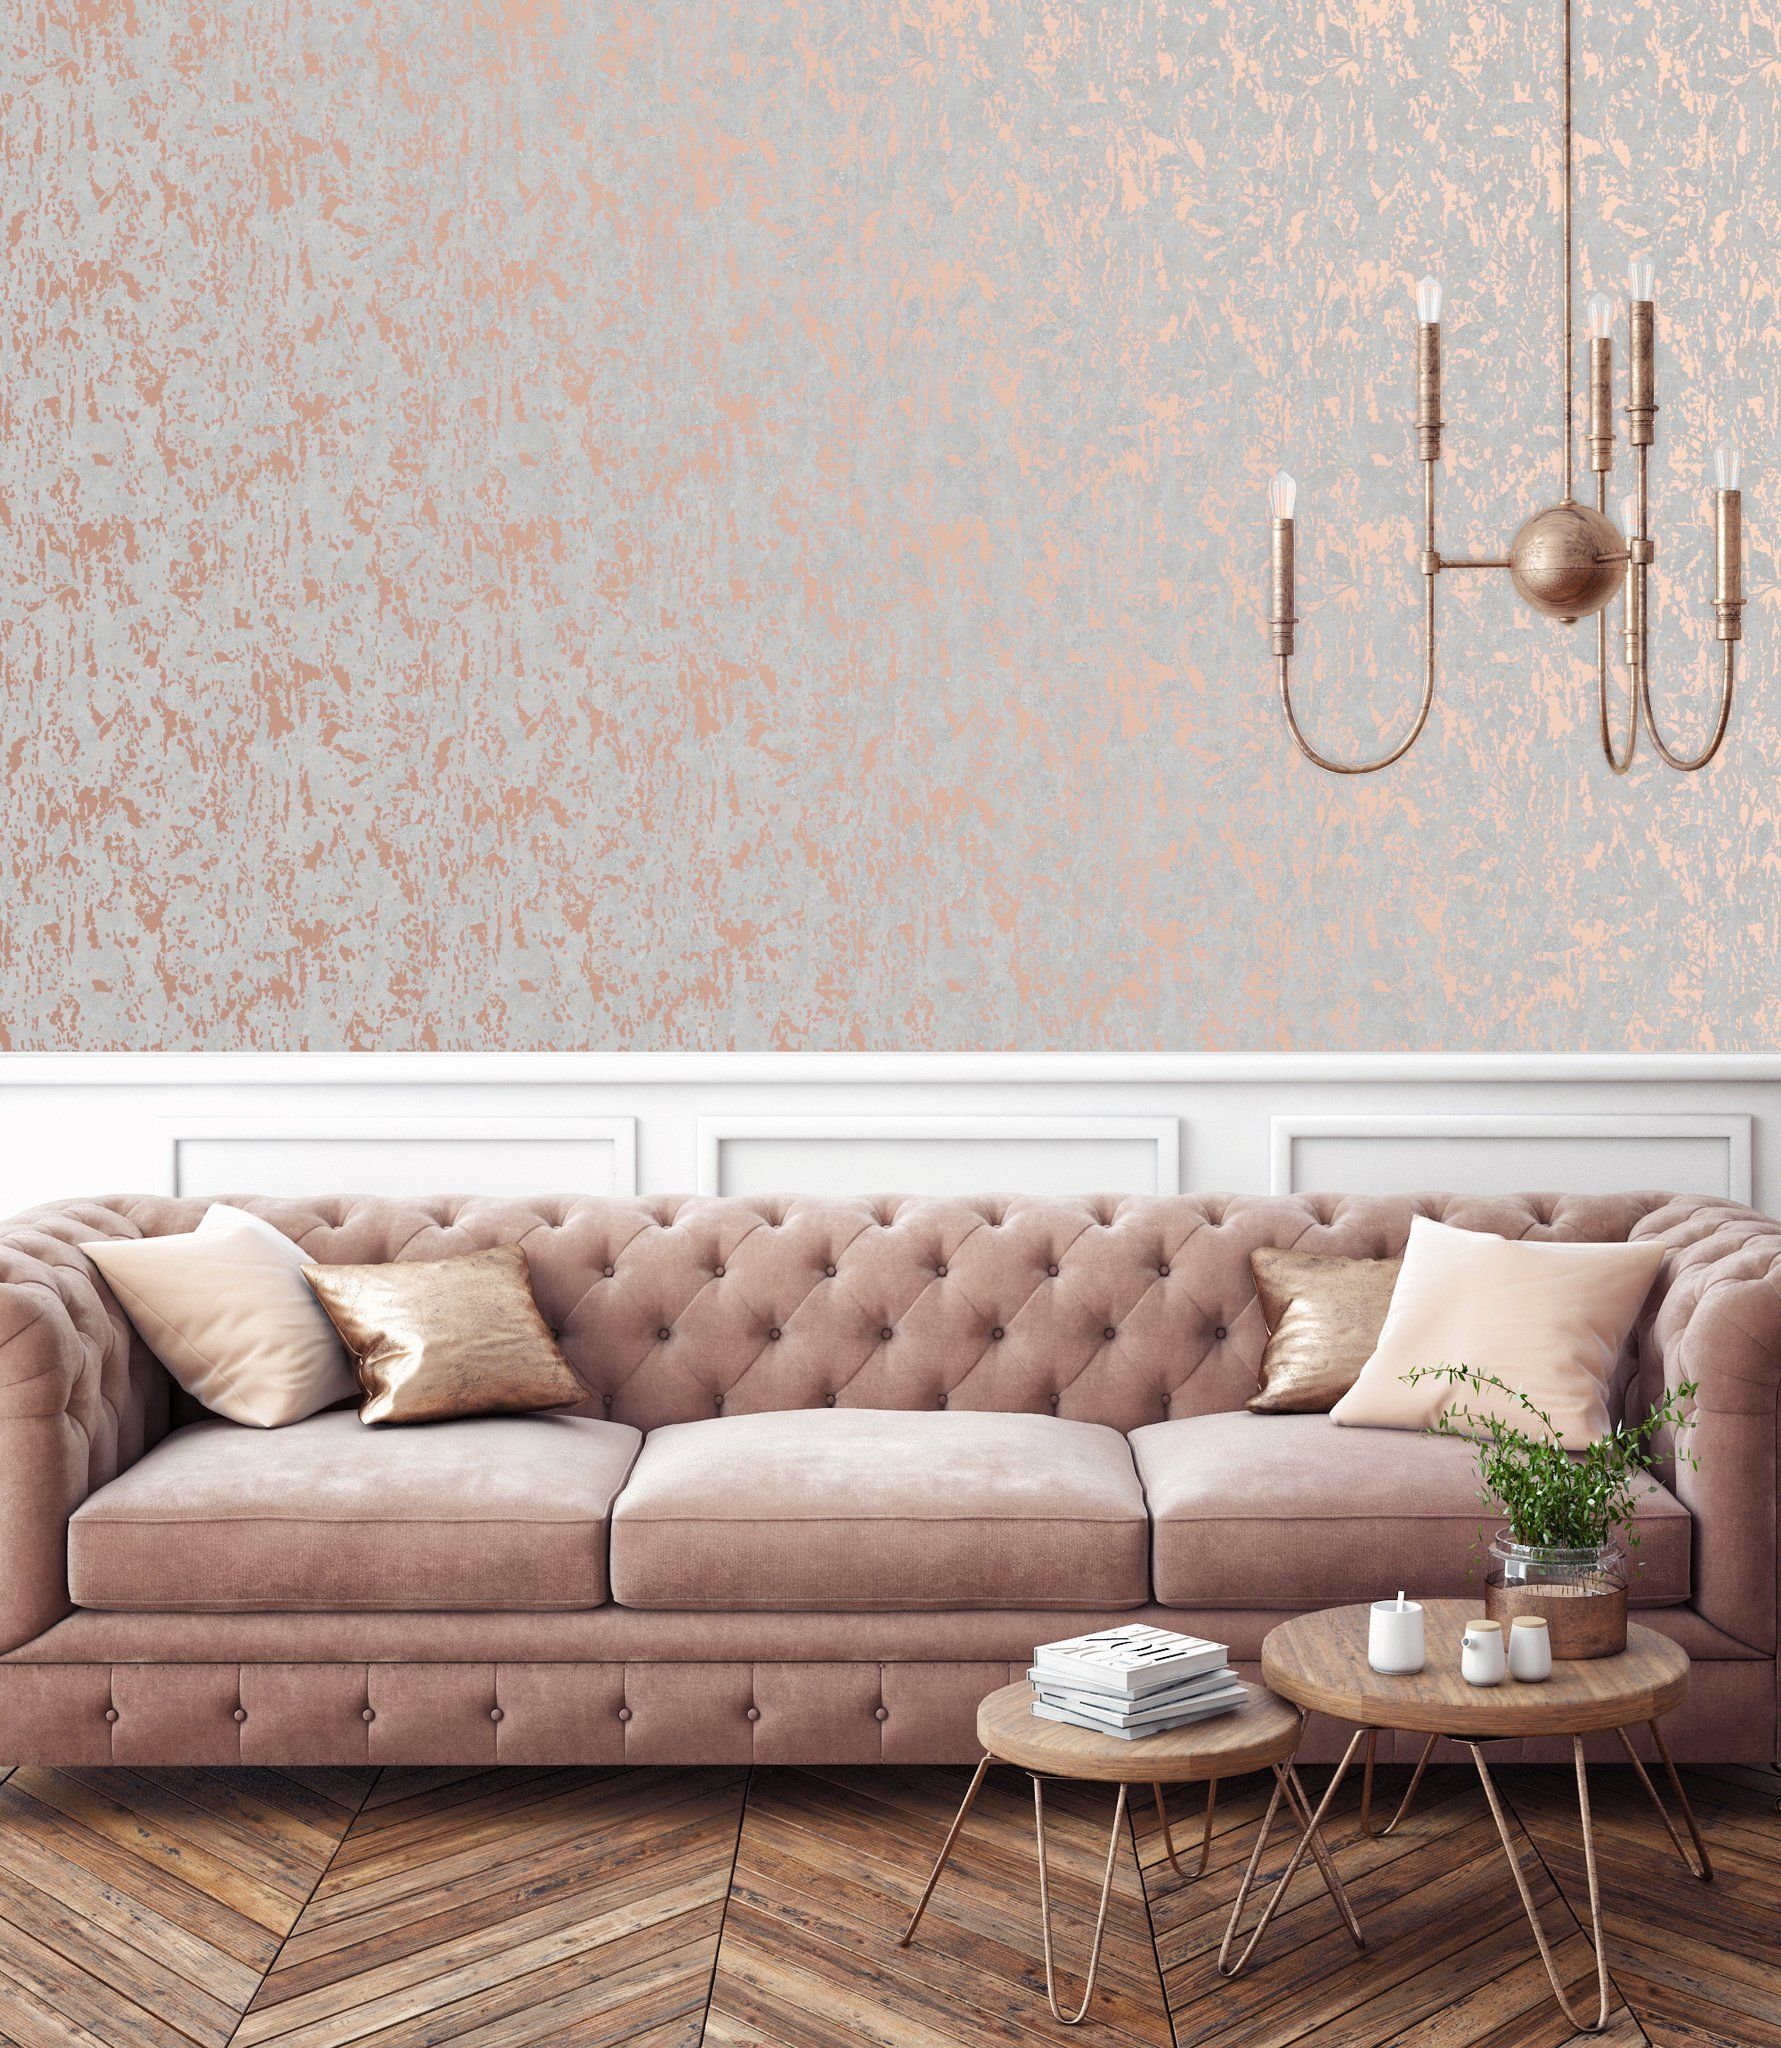 G B Superfresco Wallpaper Milan Rose Gold 106401 Wonderwall By Nobletts Desain Desain Ruang Tamu Desain Ruangan